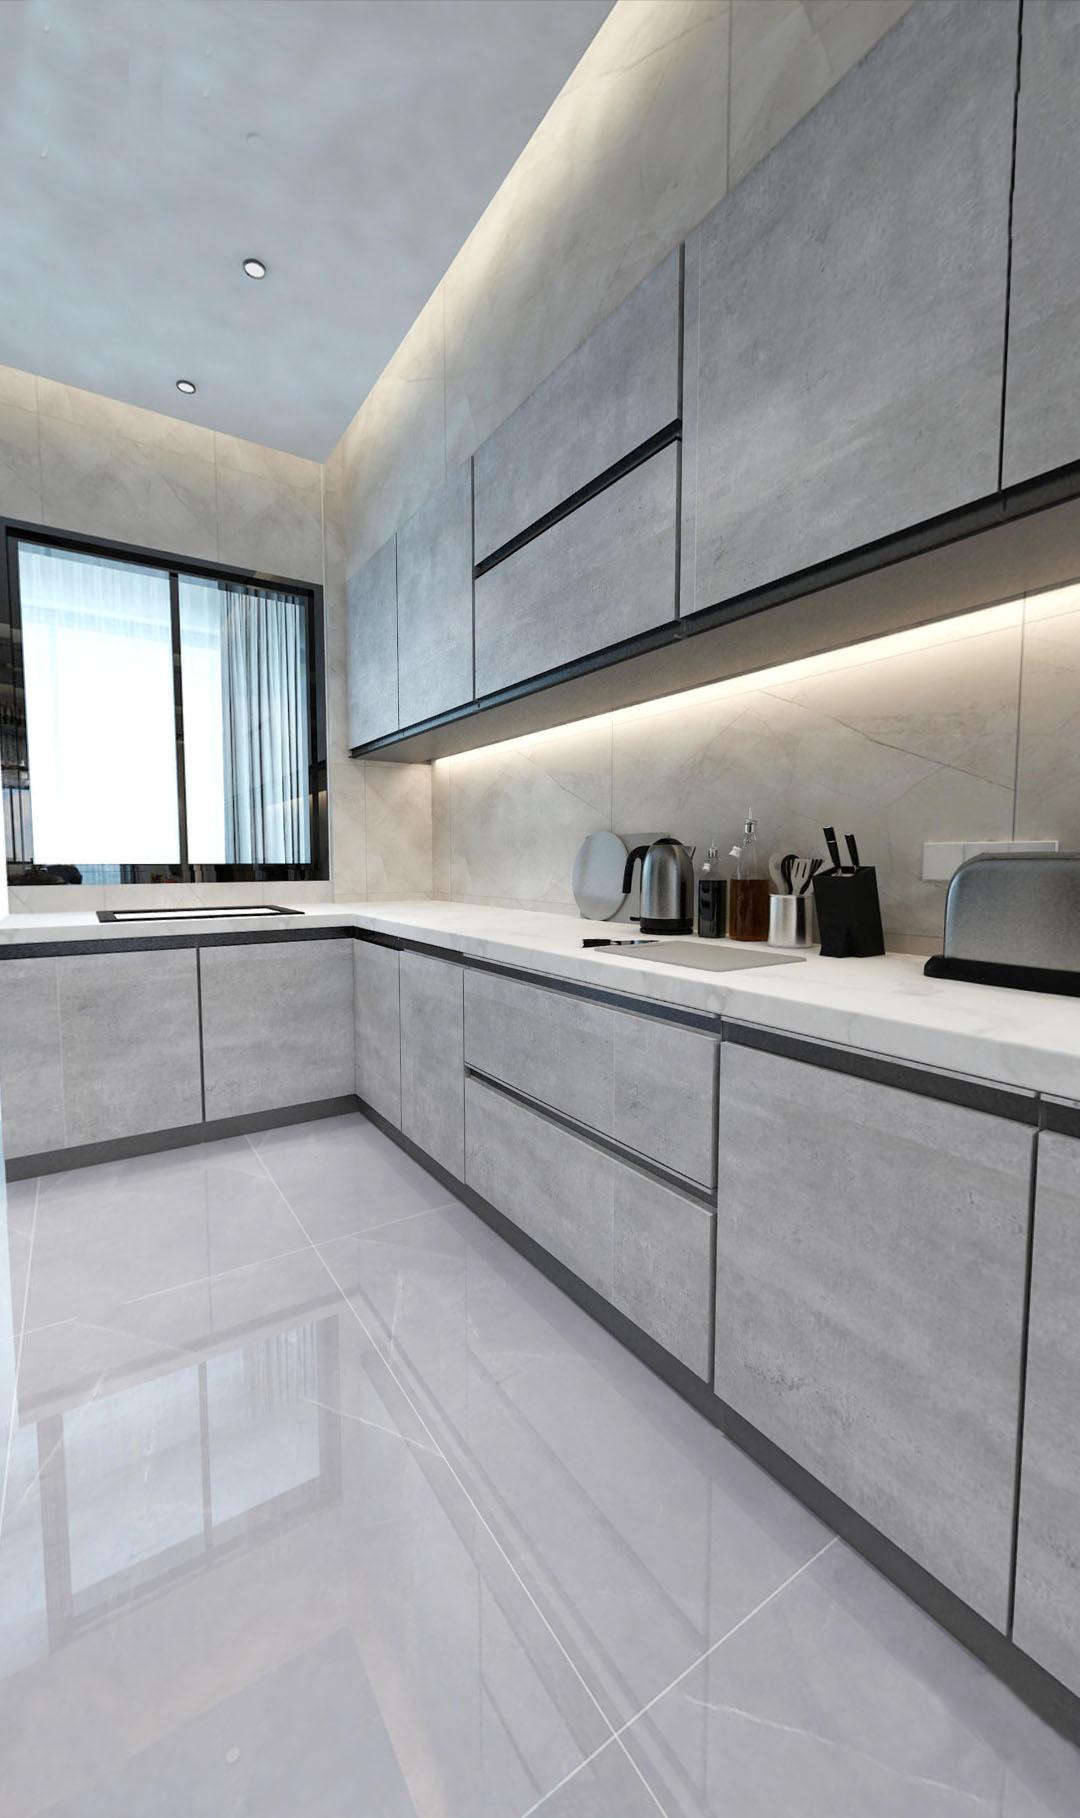 三居 现代轻奢 厨房图片来自云南俊雅装饰工程有限公司在都铎城邦的分享